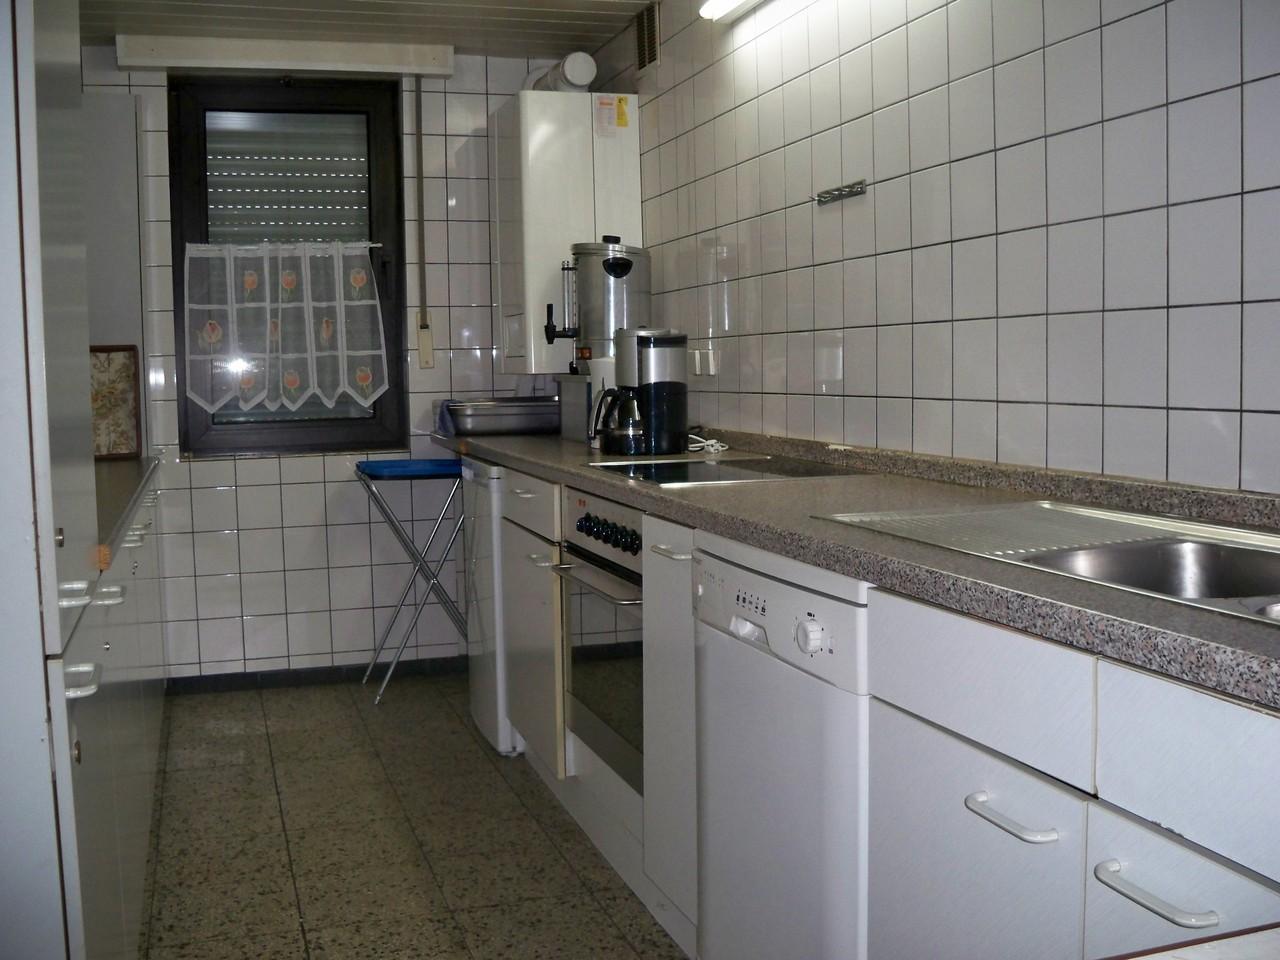 Küche komplett mit Herd, Spühlmaschine, Kaffeemaschine, Geschirr